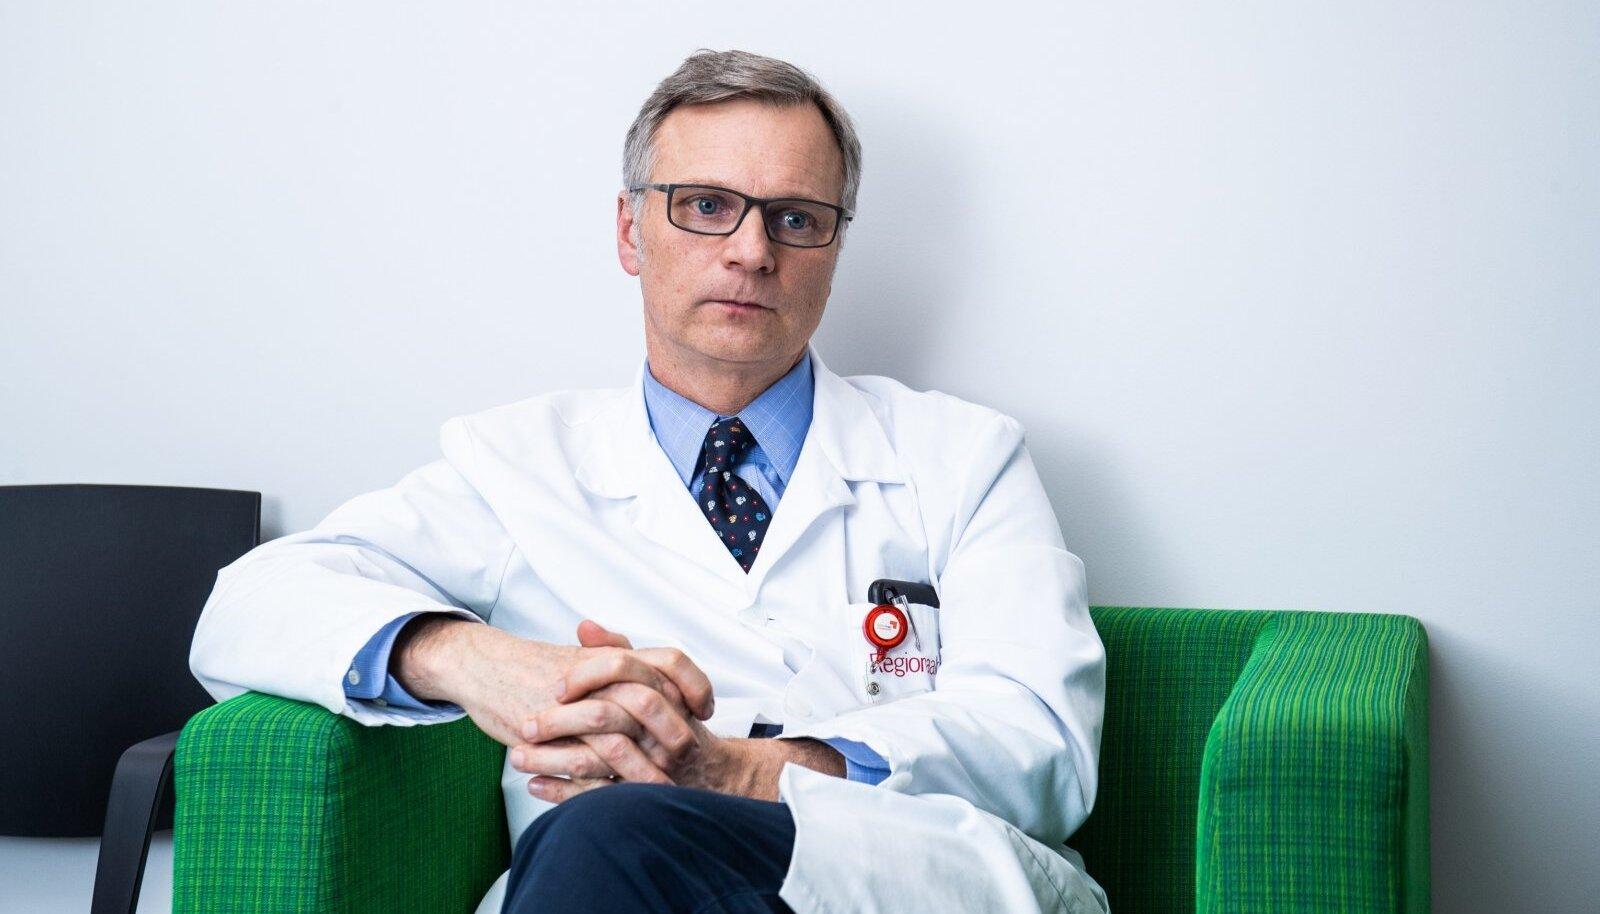 Arstid meeste liikme suurenemise kohta Mis on liikme suurus ideaalne